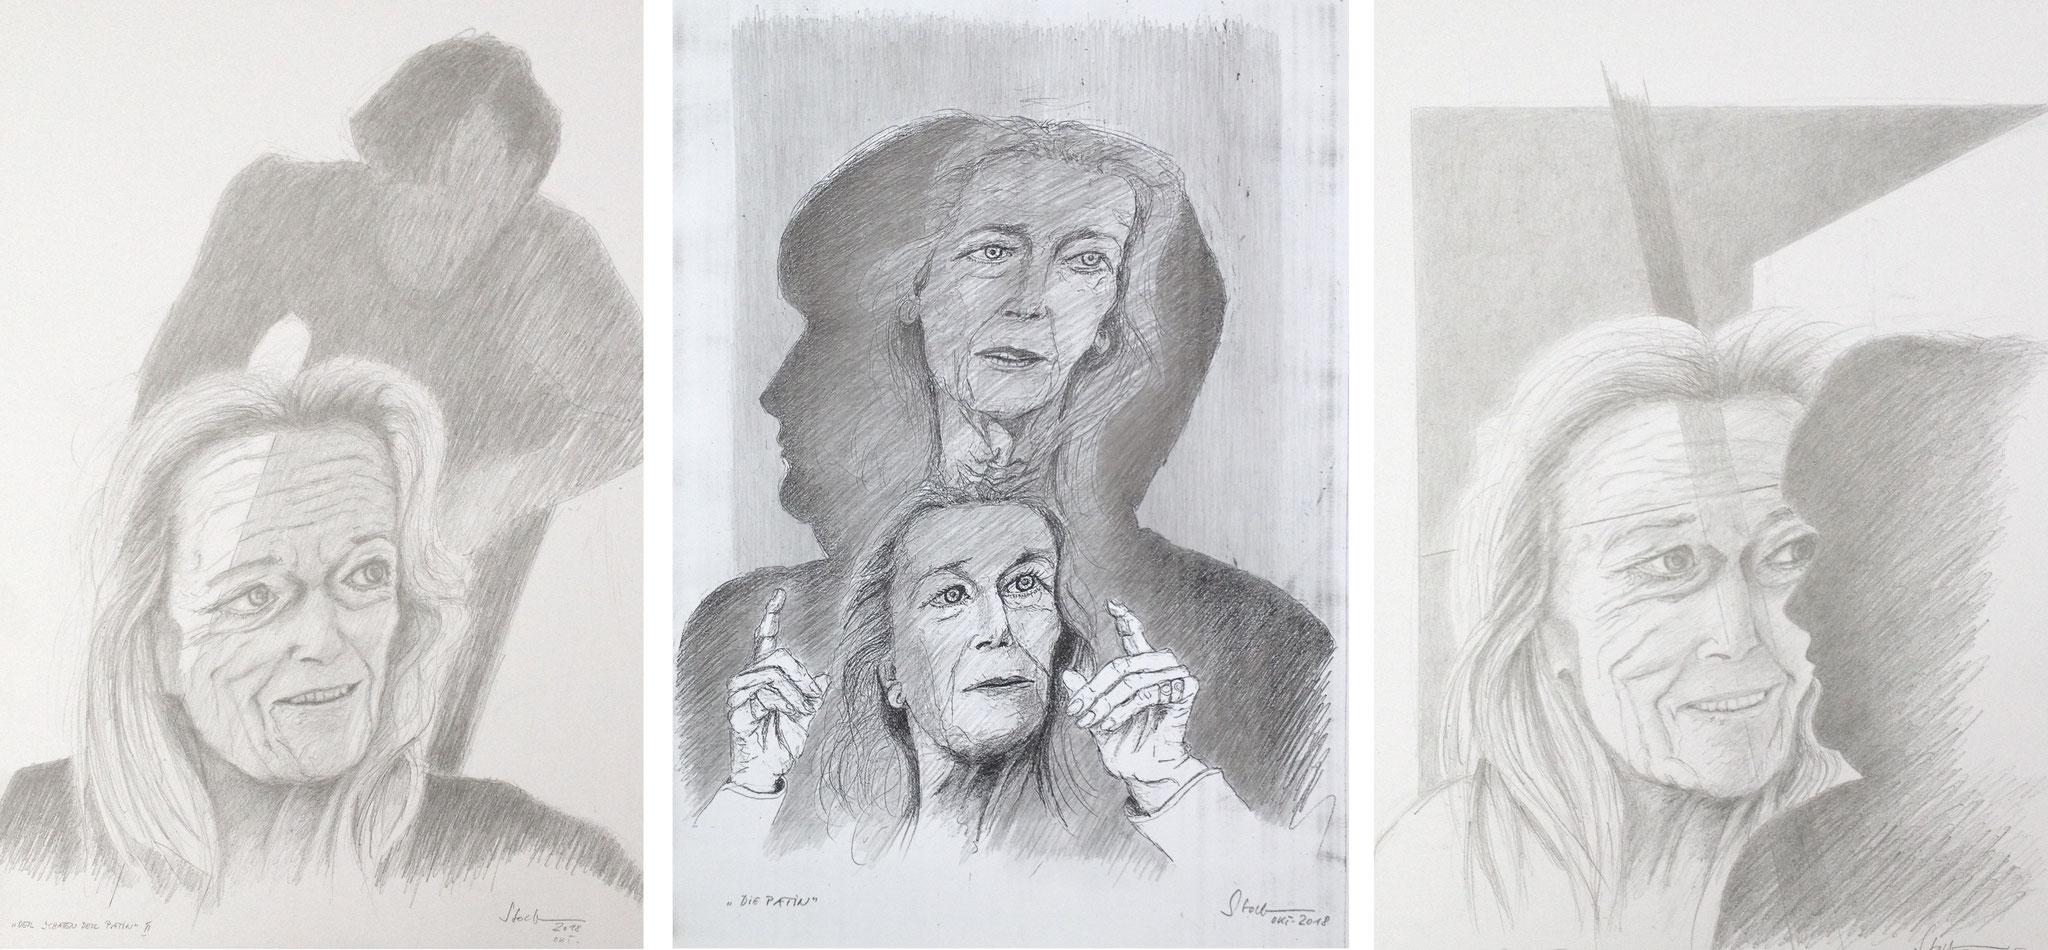 """""""Der Schatten der Patin"""" (Gertrud Höhler/Angela Merkel), Triptychon I, 2018, Zeichnung (#987)"""